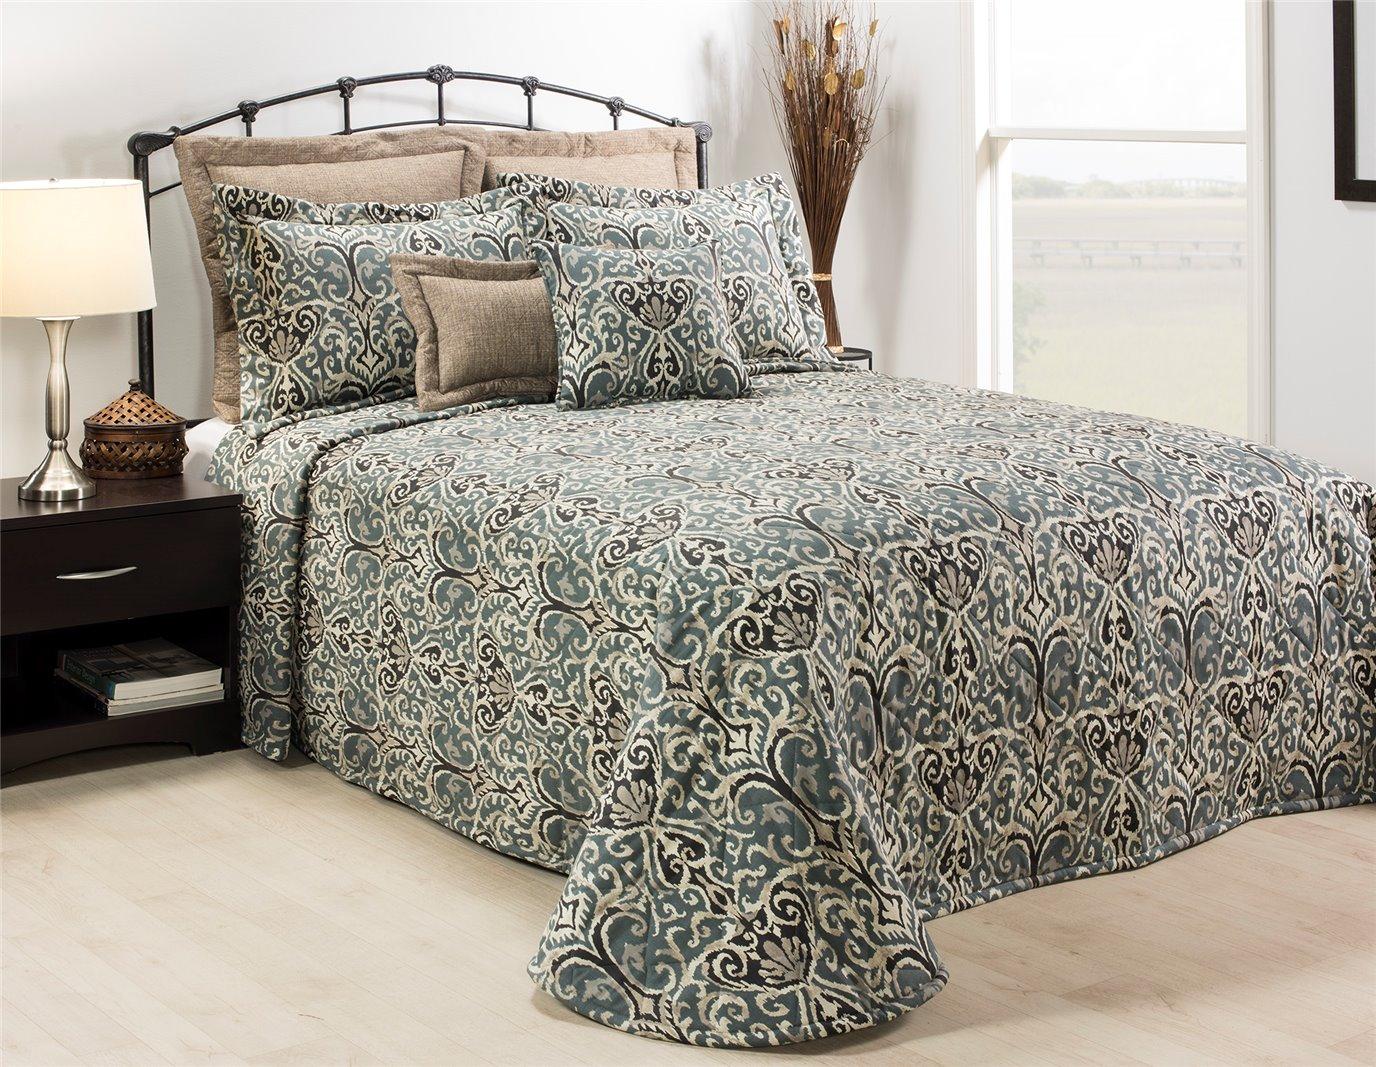 Midnight Ikat Queen Bedspread